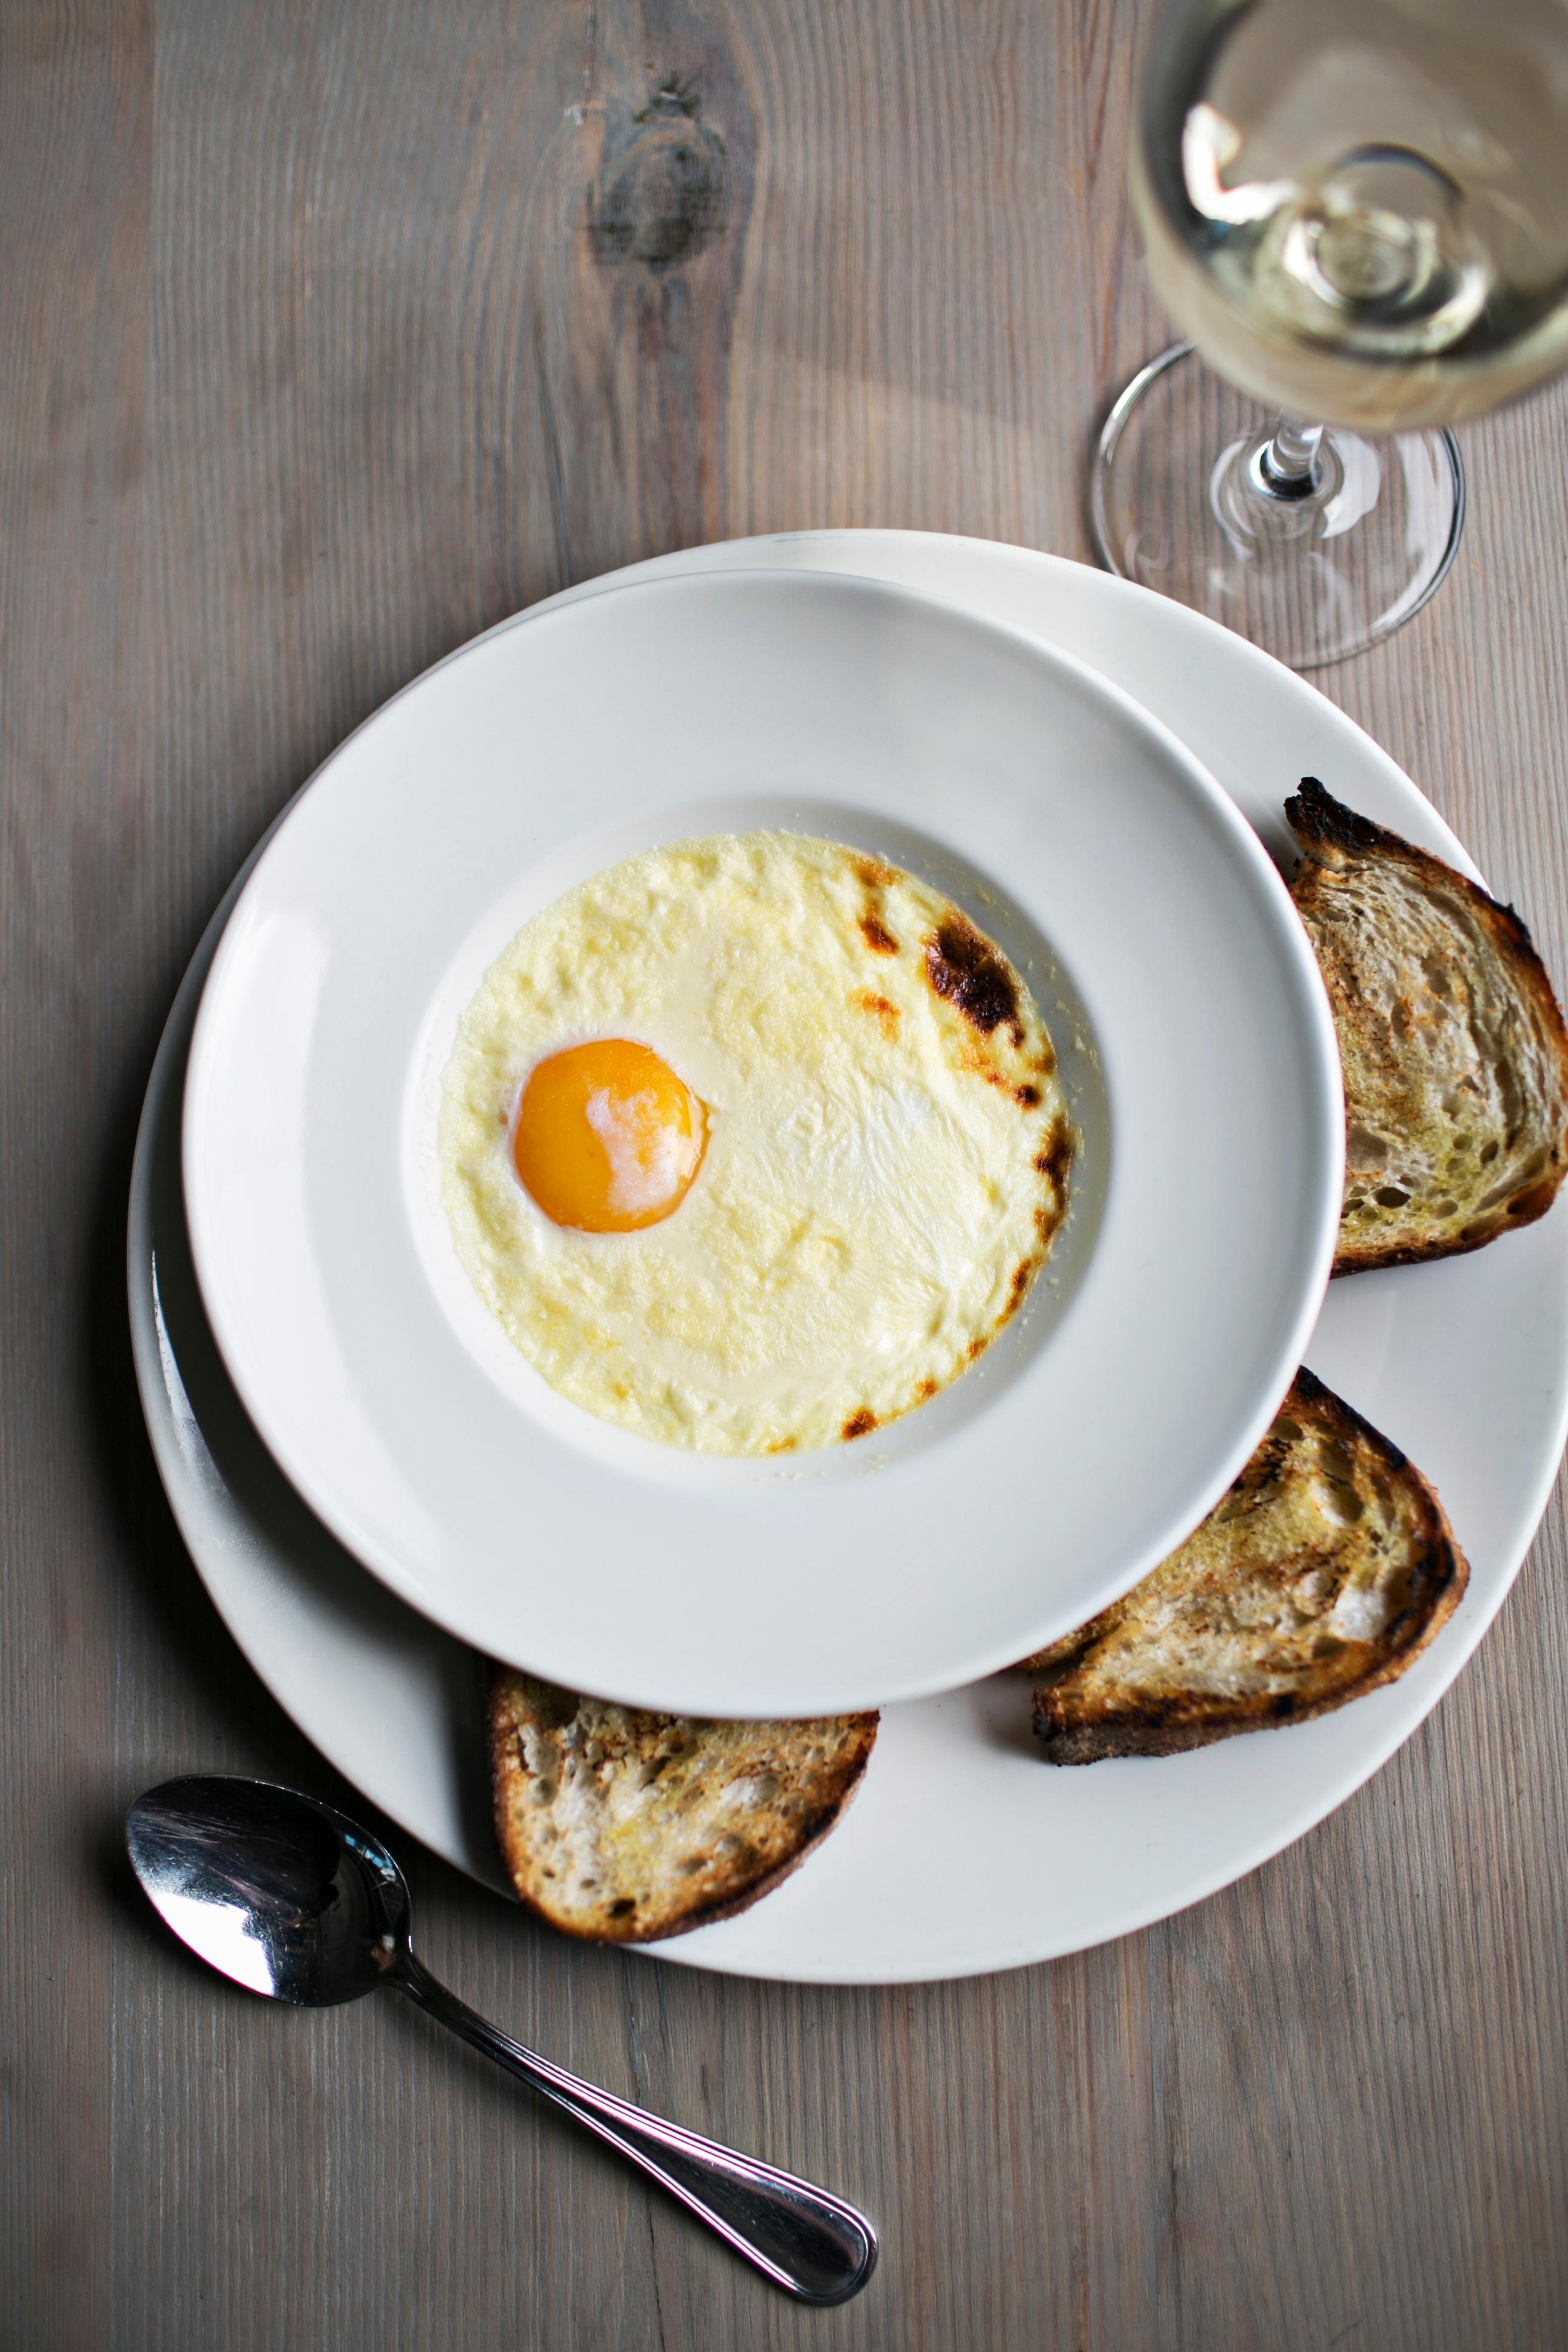 Miller Union Farm Egg _ Heidi Geldhauser.jpg